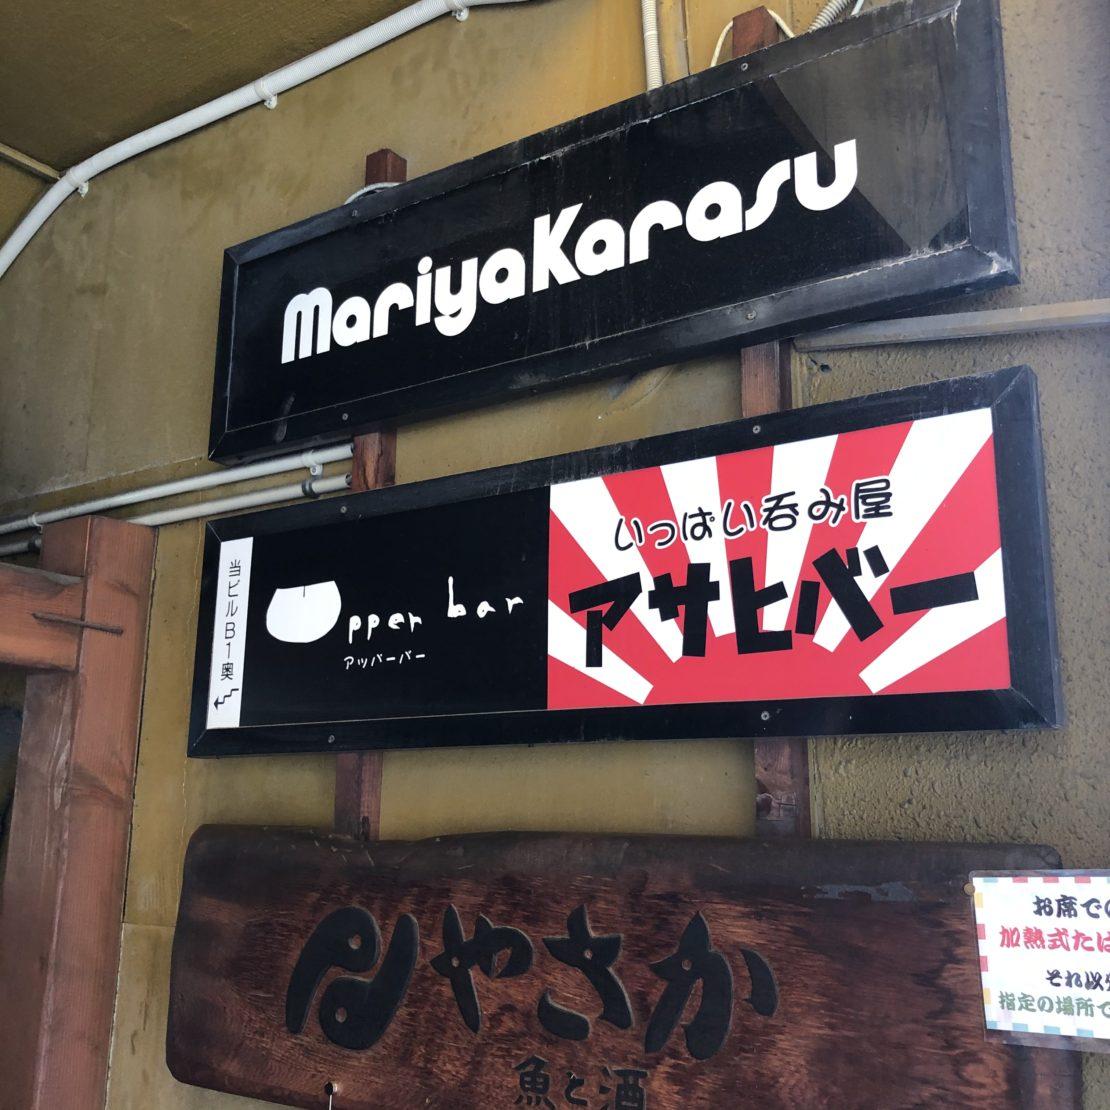 名古屋・栄に新オープン!オムライス×クリームソーダが楽しめる隠れ家店「バッチグー!」で幸せを食べてきました - a6febe4e5208ff457401dbfac1e6335a 1110x1110